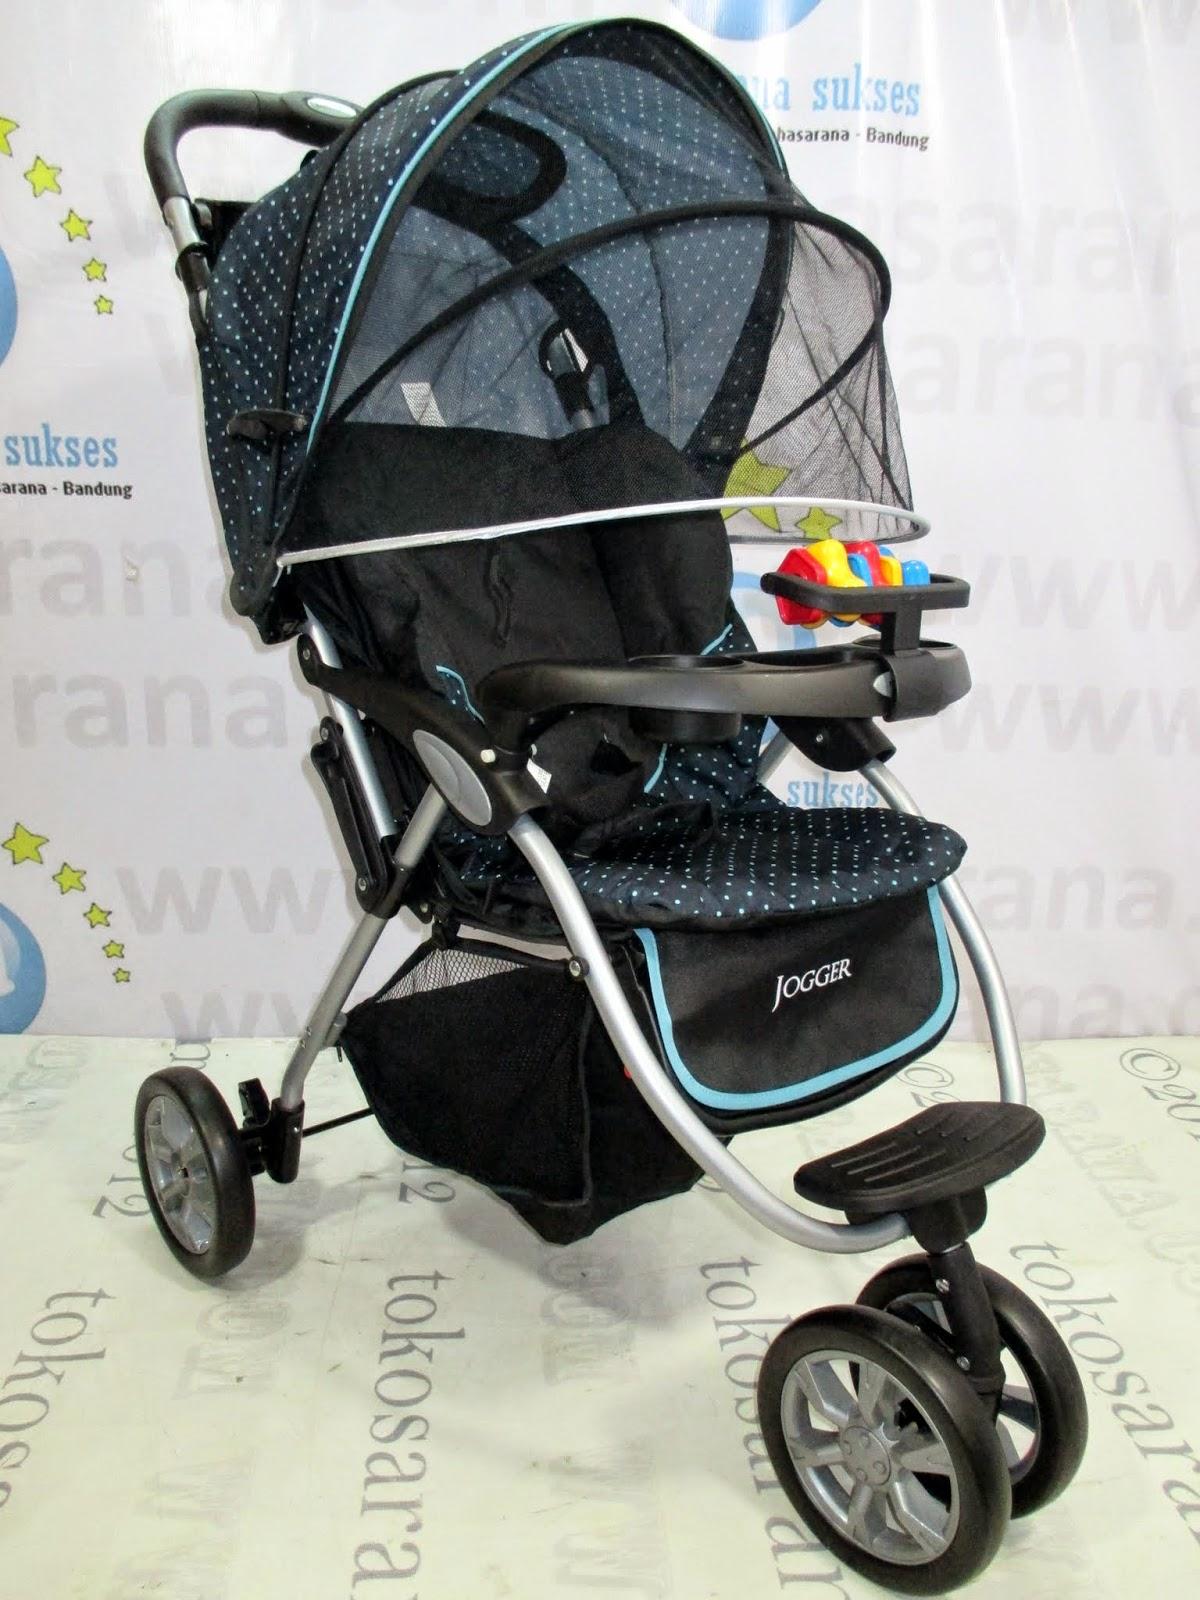 Kereta Bayi BabyDoes CH290 Jogger Roda 3 ~ News Untuk Anak